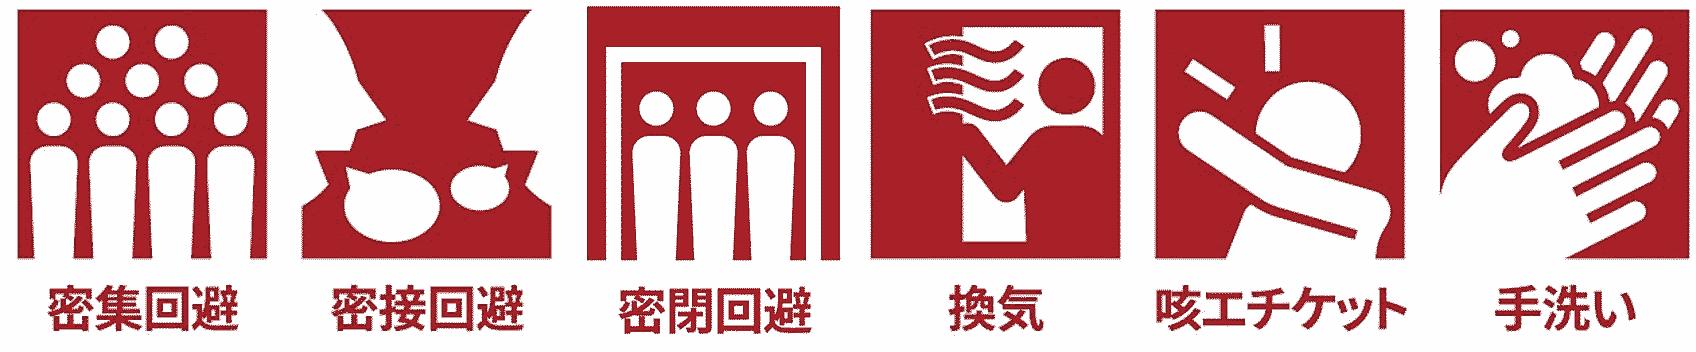 厚労省ピクトグラム